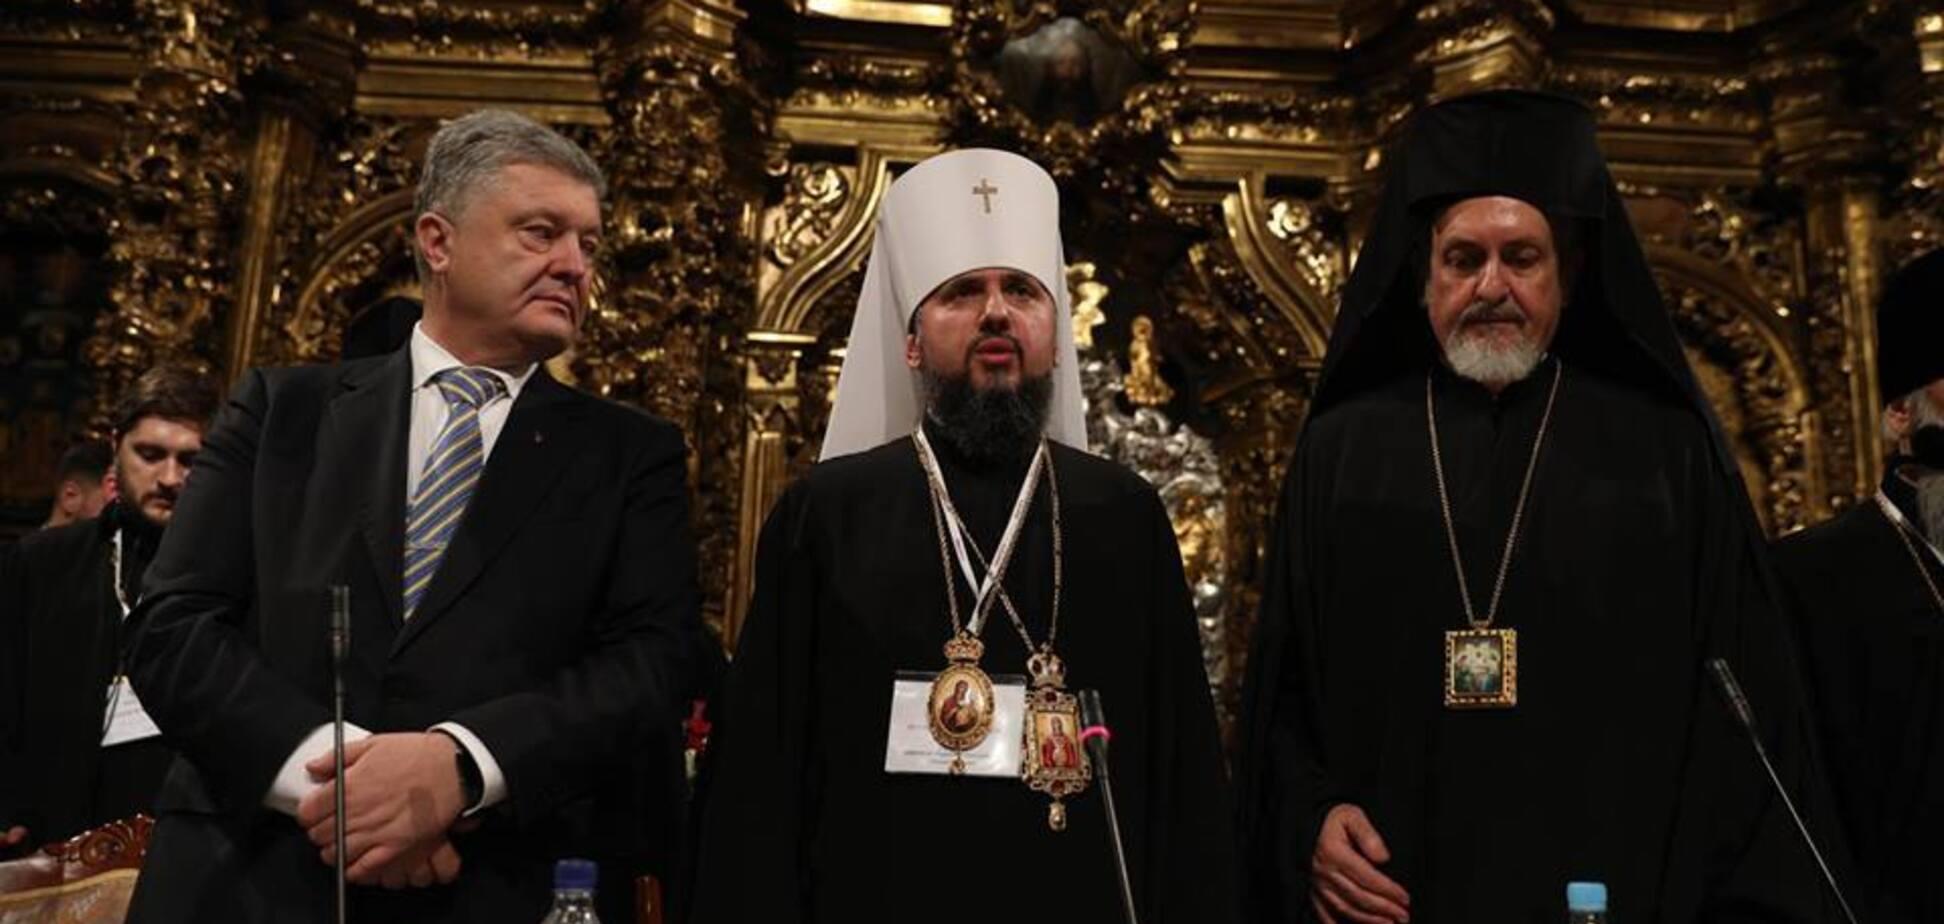 Единая церковь в Украине: США сделали заявление